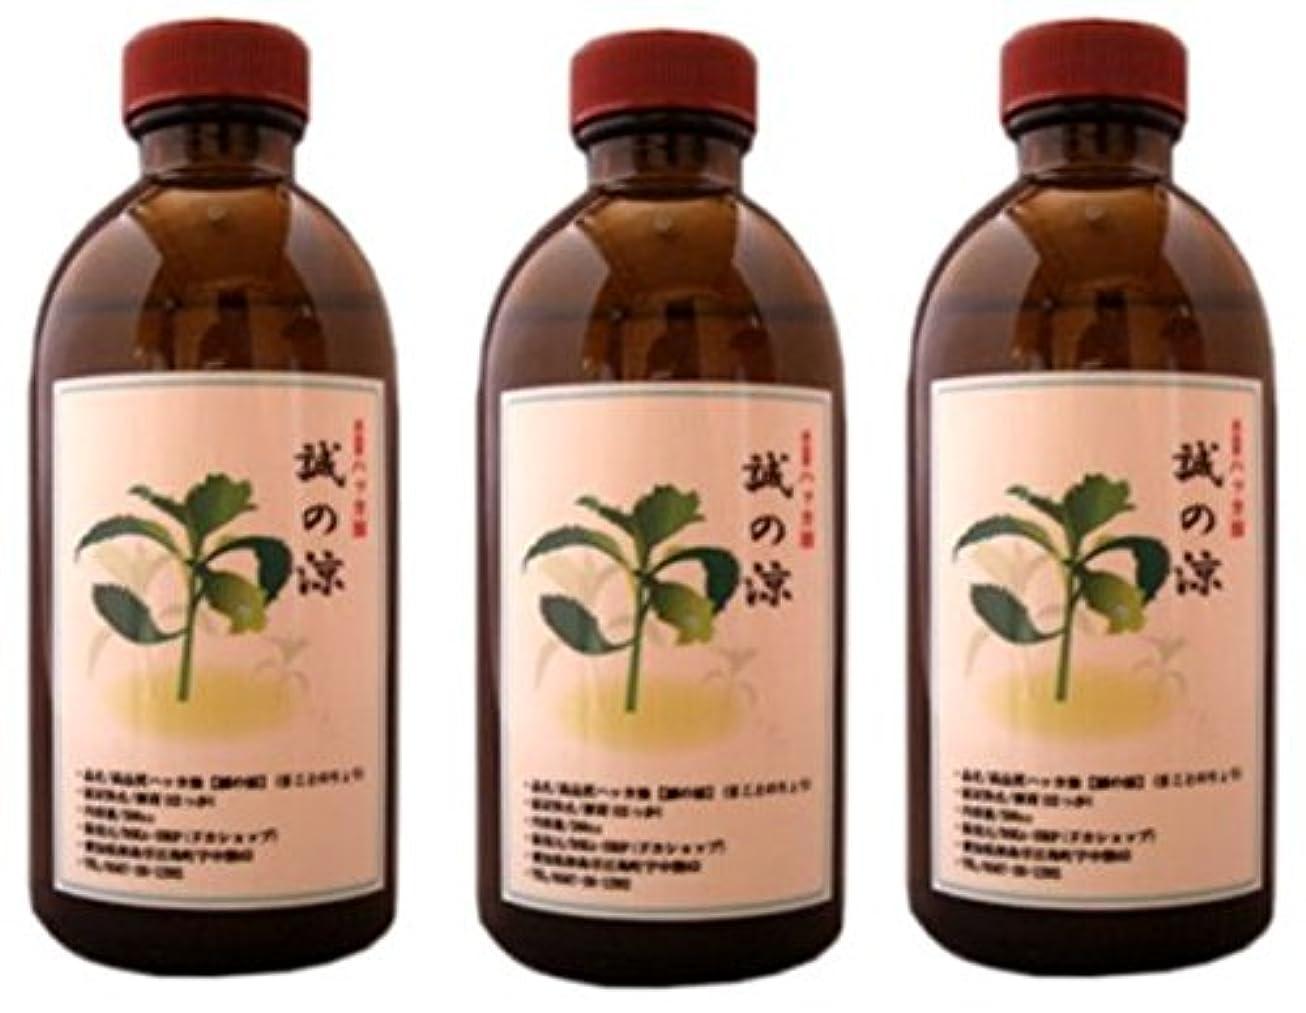 近代化するアジア人分解するDOKA-SHOP 高品質ハッカ精油100%【誠の涼(まことのりょう)】日本国内加工精製 たっぷり使えてバツグンの爽快感 200cc×3本セット